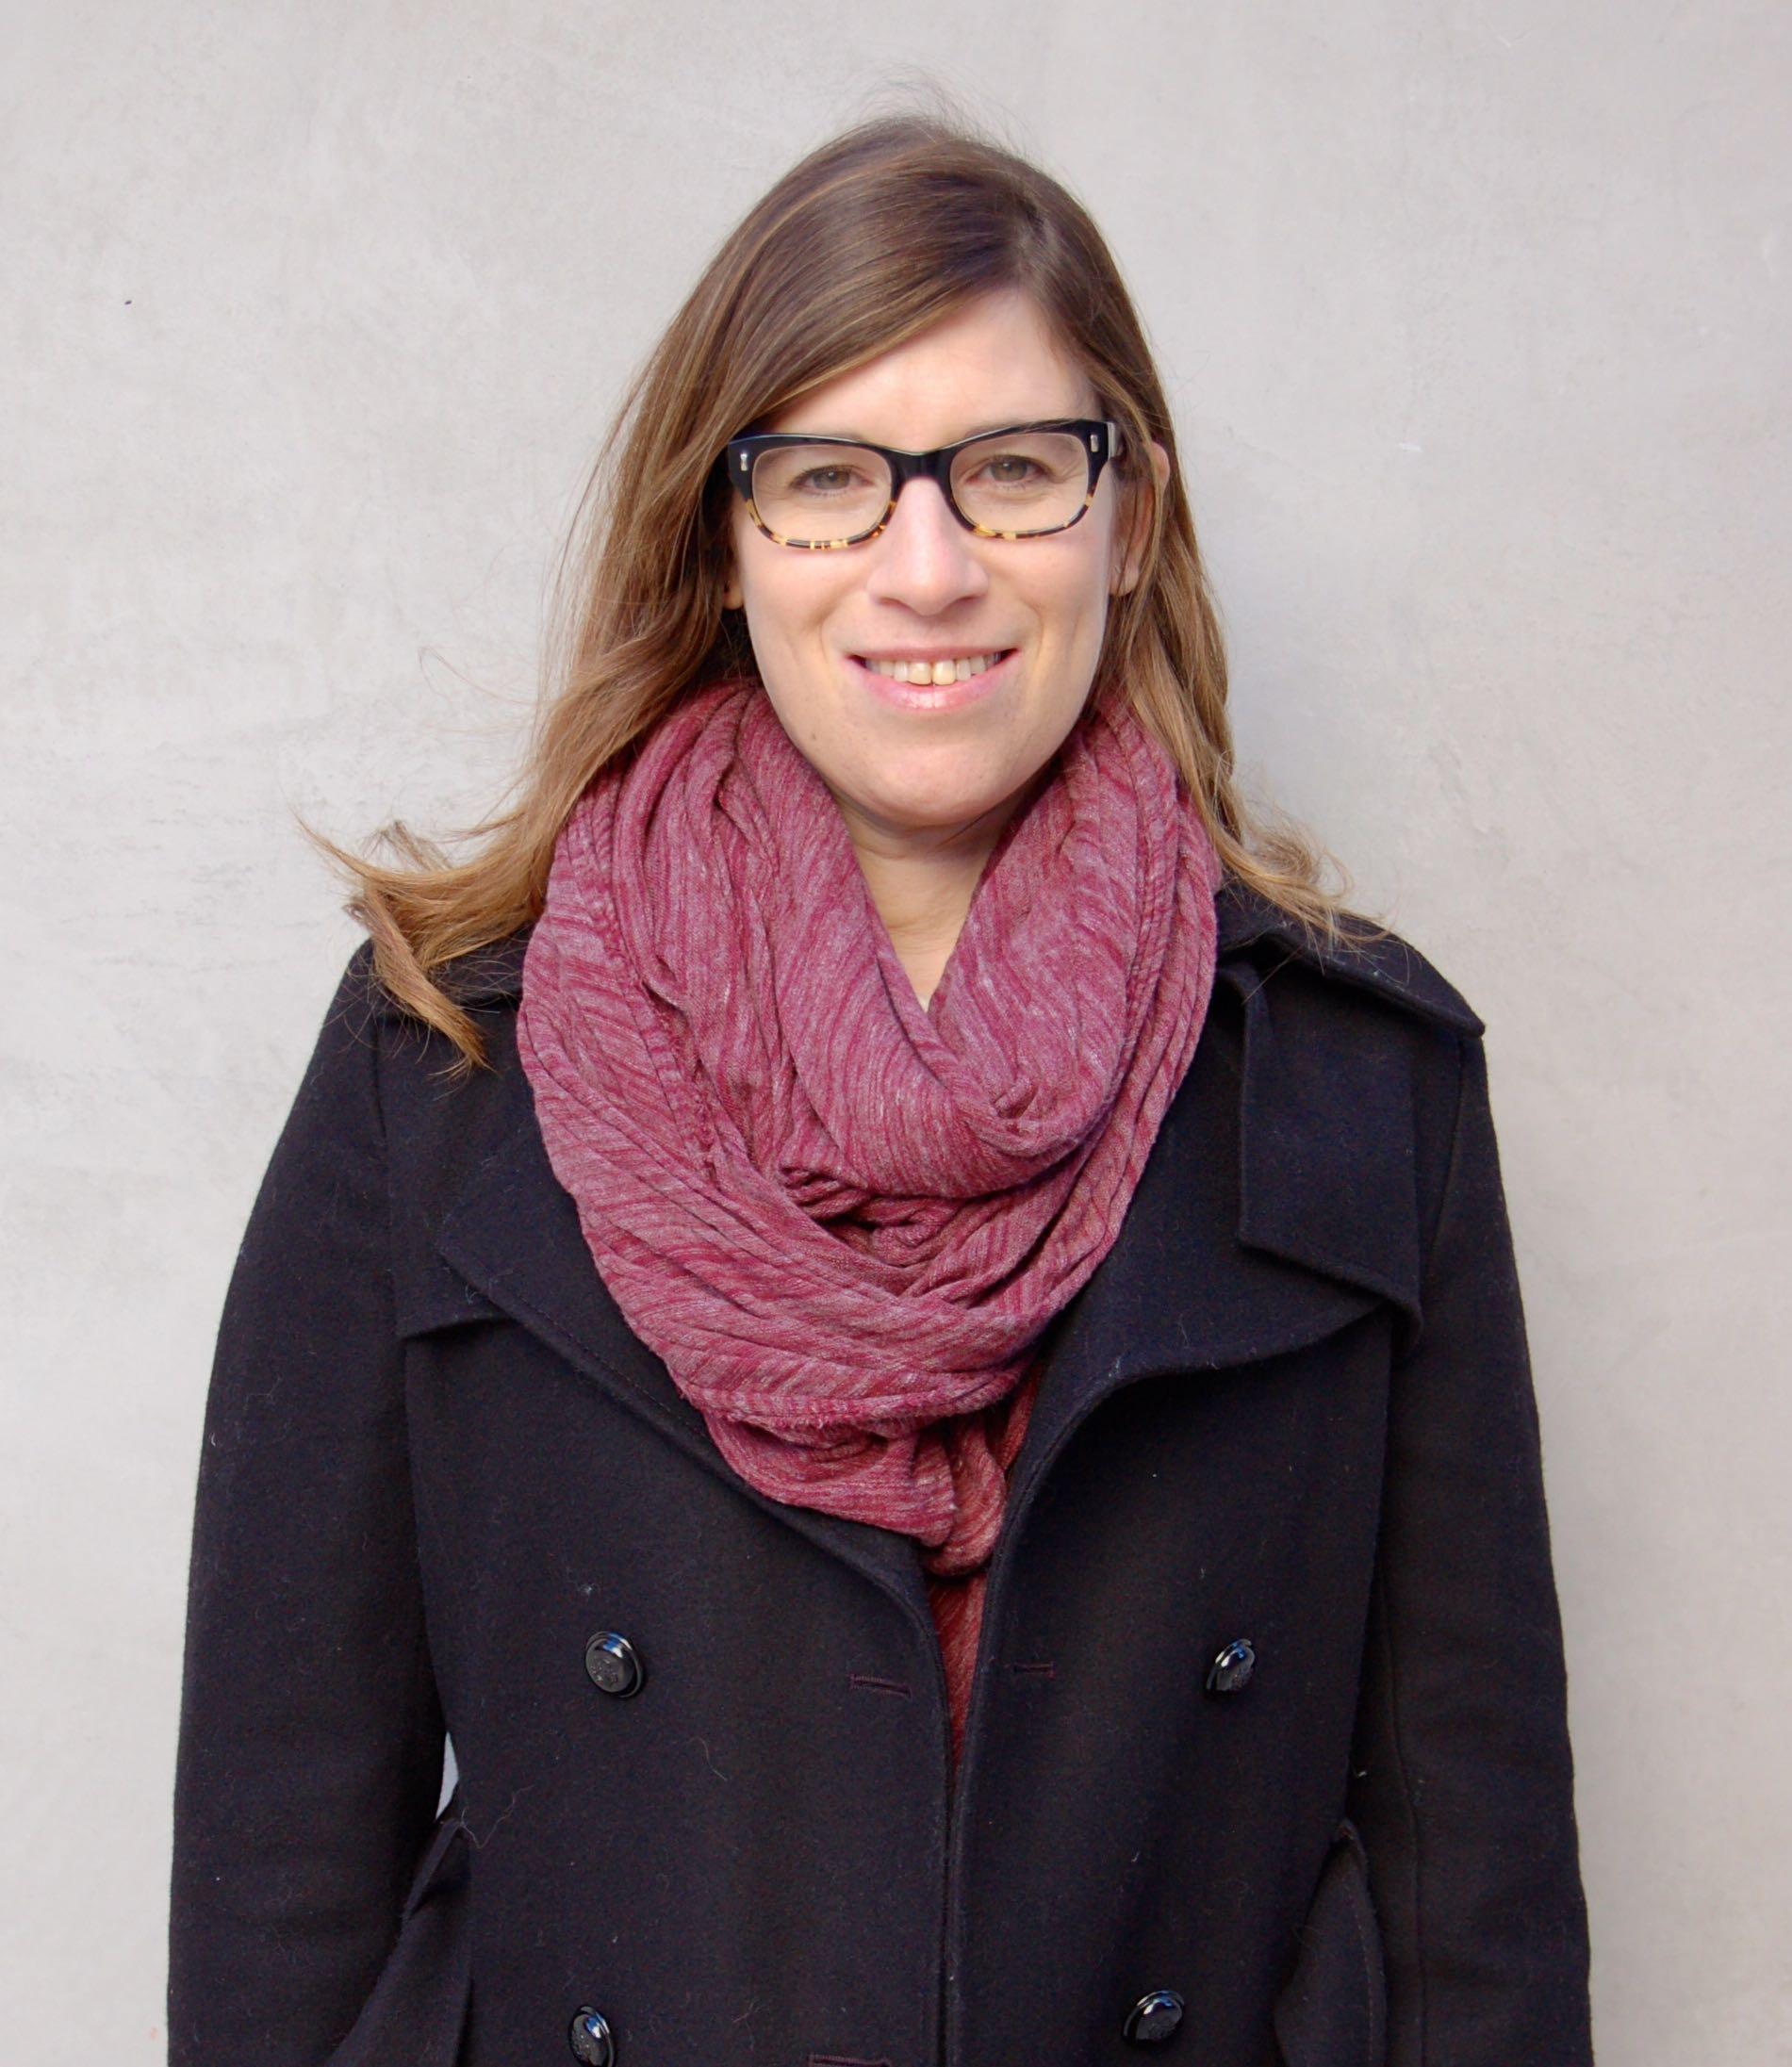 Meredith Rubin